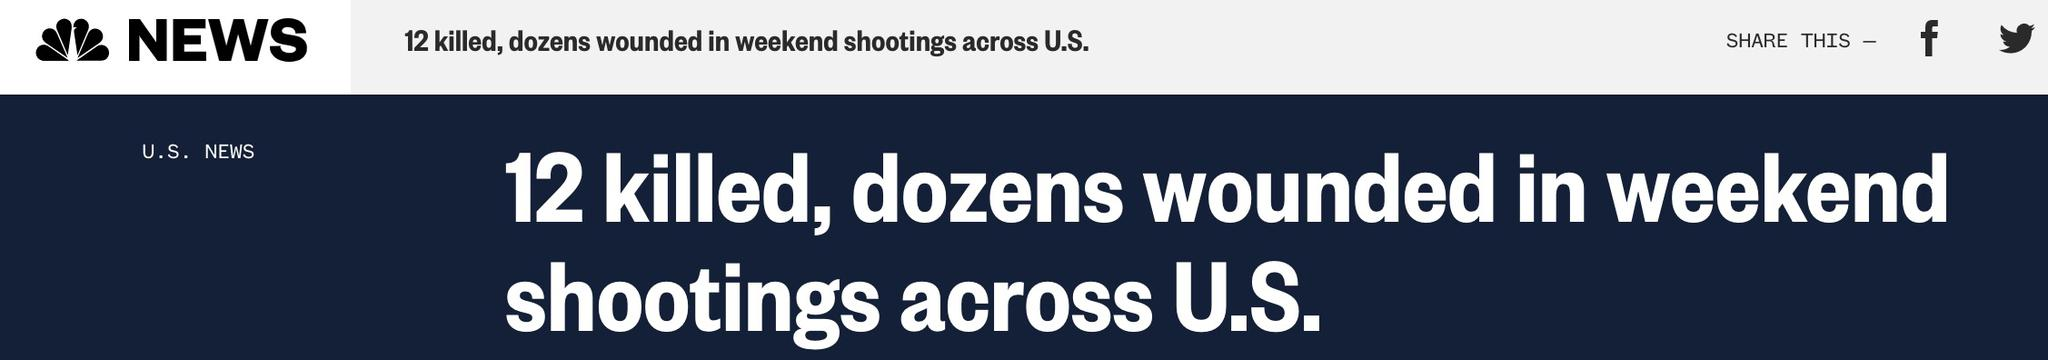 美媒:上周末全美5个州发生枪击事件,至少12人死亡